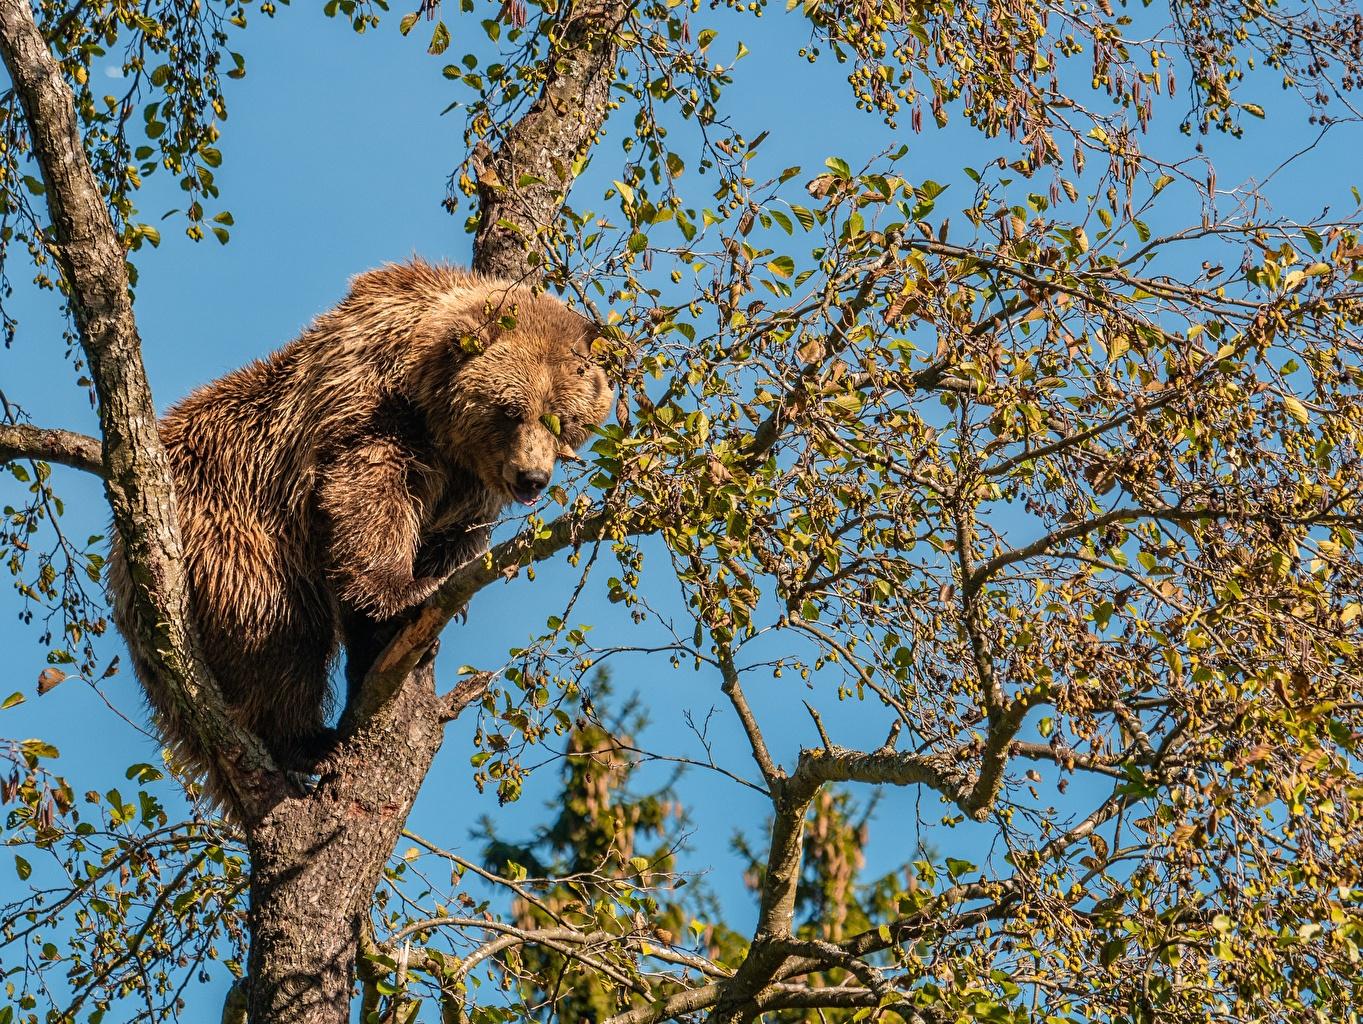 Фотография Бурые Медведи медведь ветвь деревьев Животные Гризли Медведи Ветки ветка на ветке дерево дерева Деревья животное